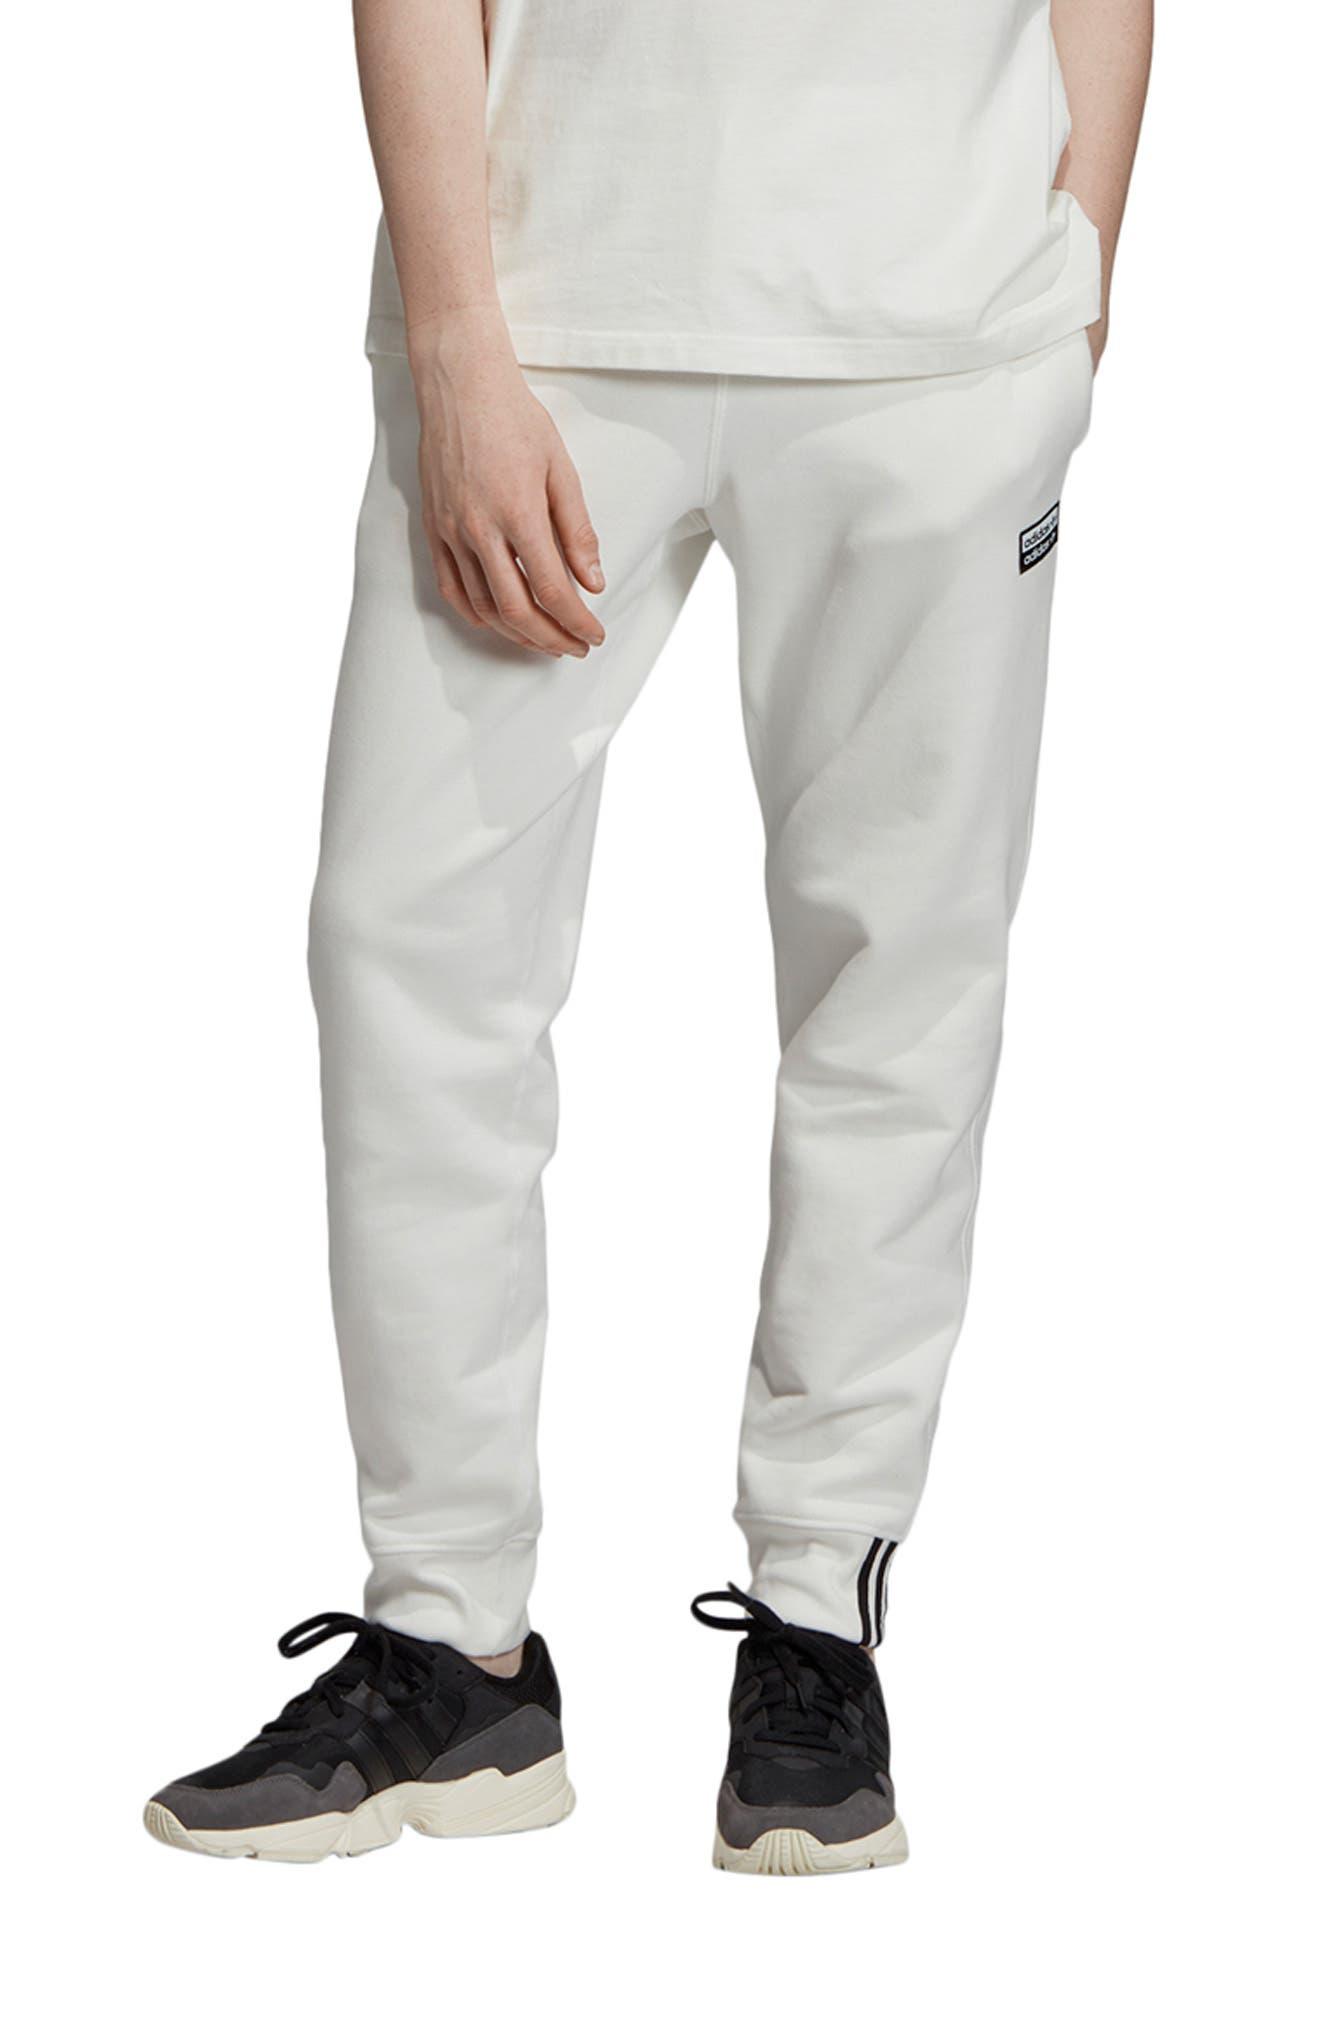 Adidas Originals Vocal Sweatpants